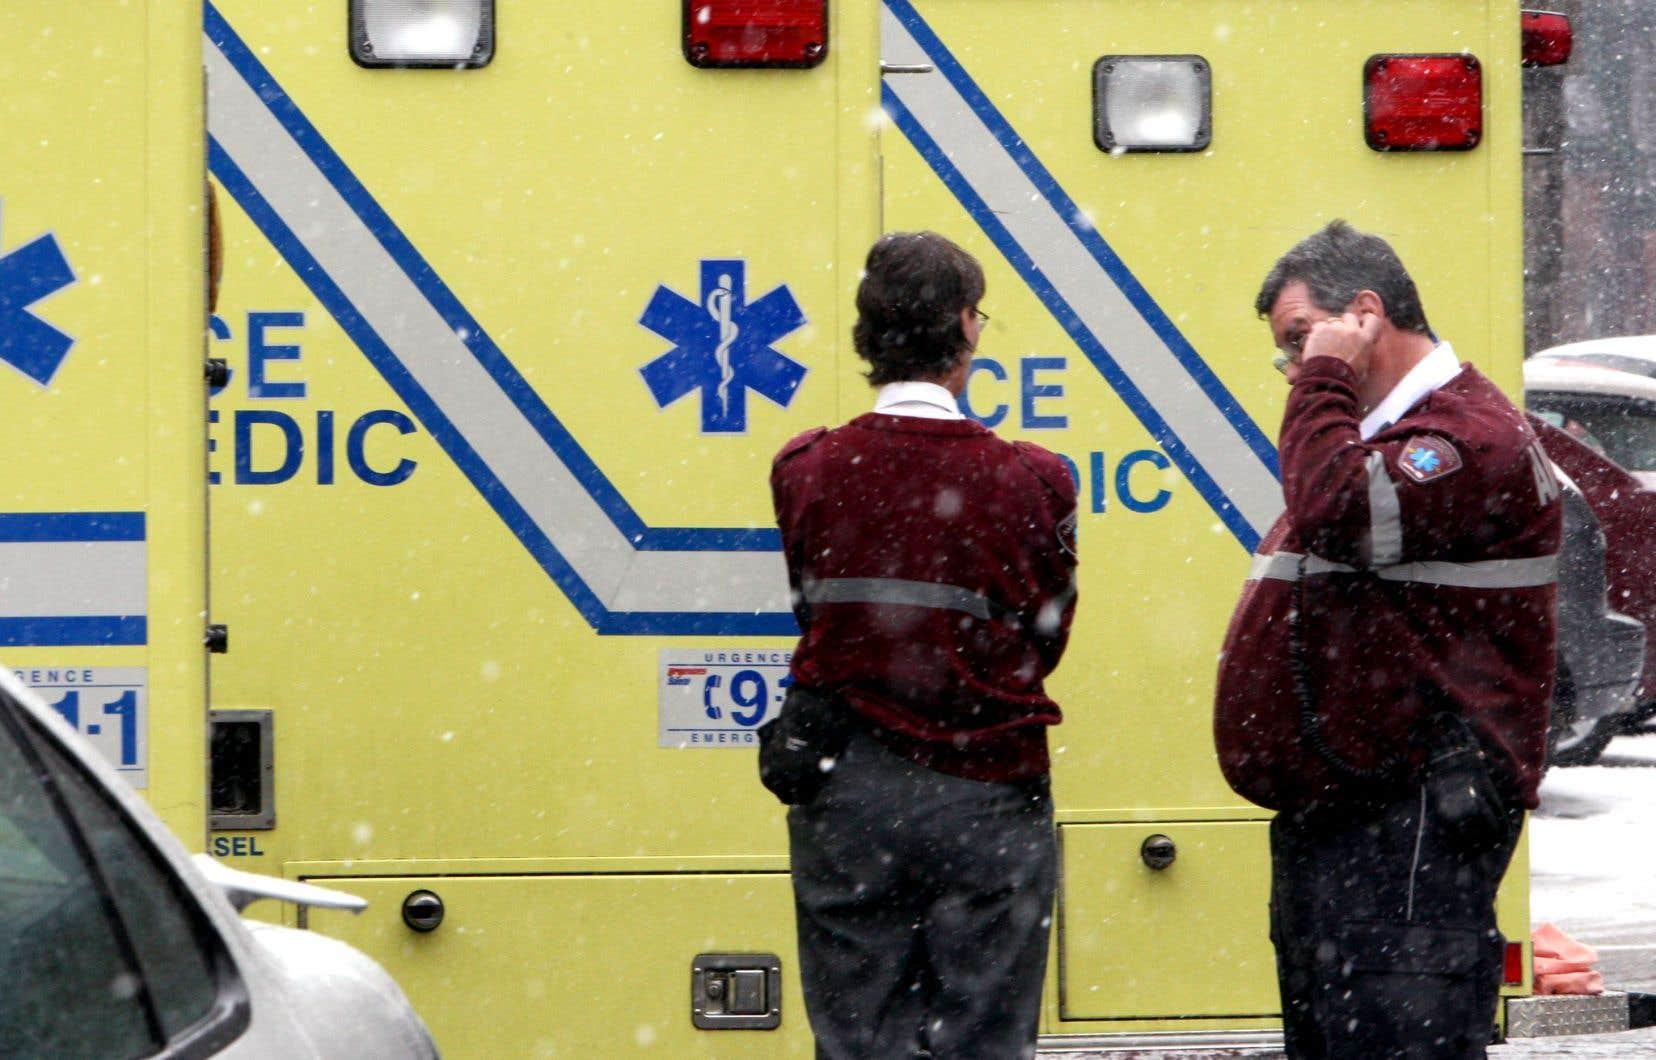 Jeudi dernier, la Sûreté du Québec (SQ) a été appelée à intervenir dans un logement de Joliette, dans Lanaudière, où un enfant de deux ans a été retrouvé inconscient.